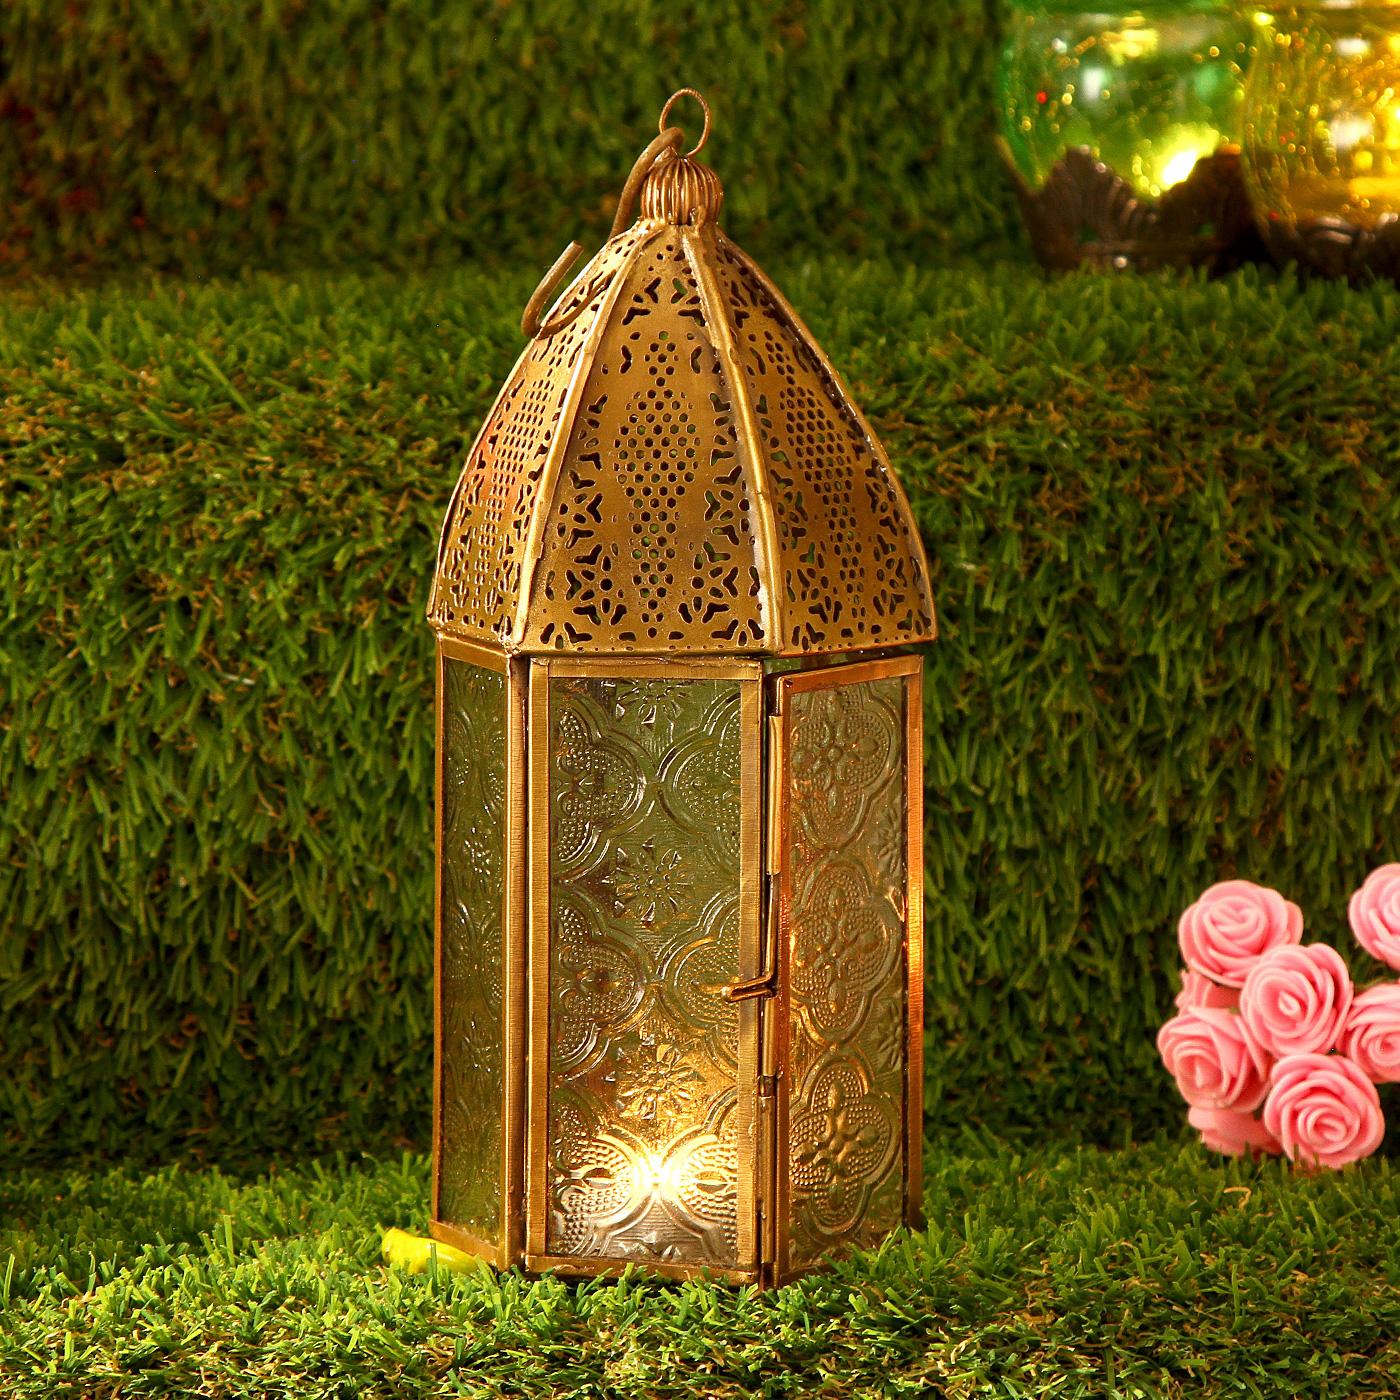 Beautiful Hanging Lantern